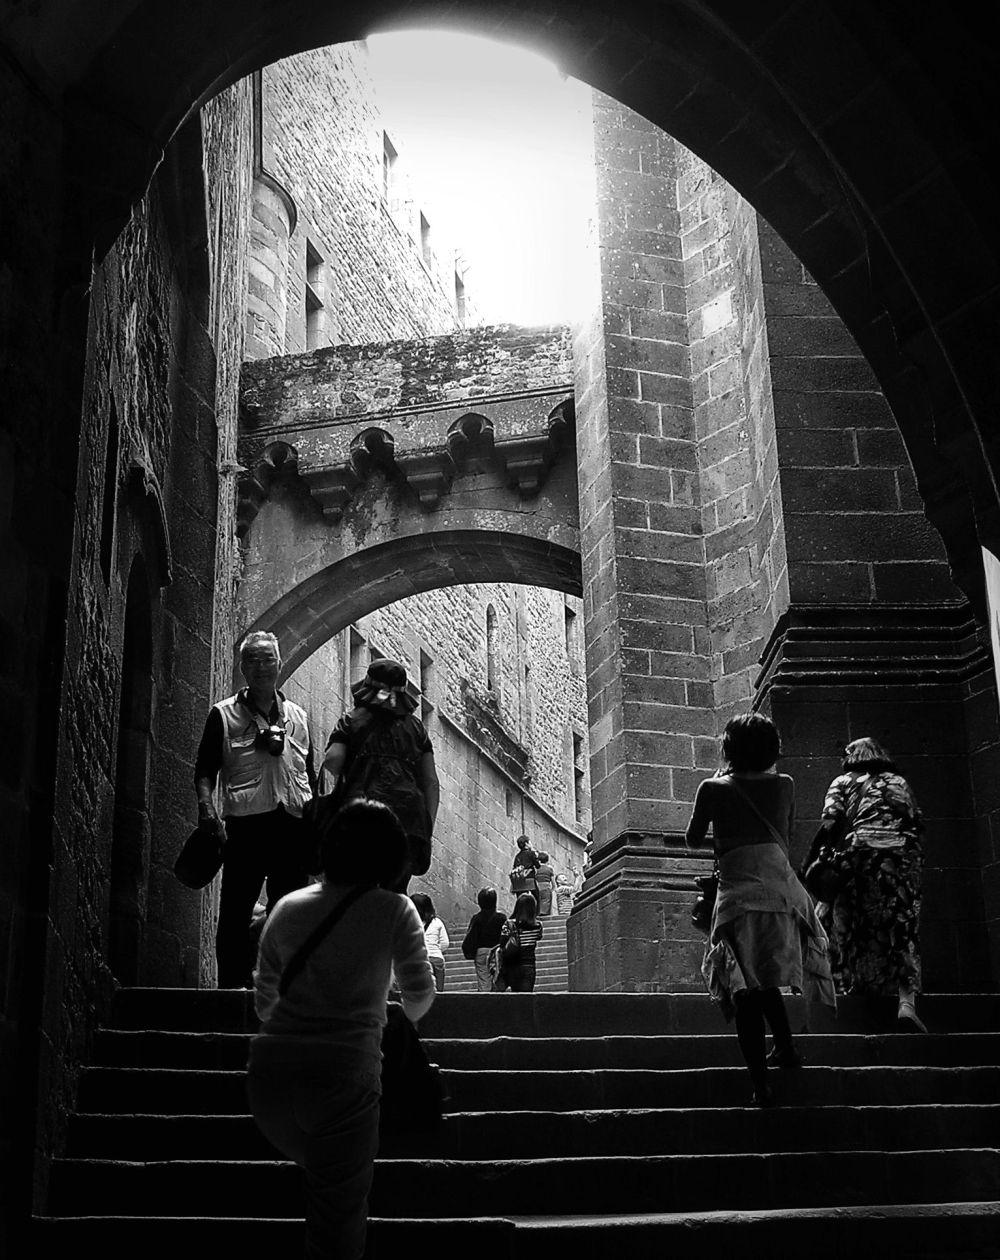 france normandy mont-saint-michel tourist steps